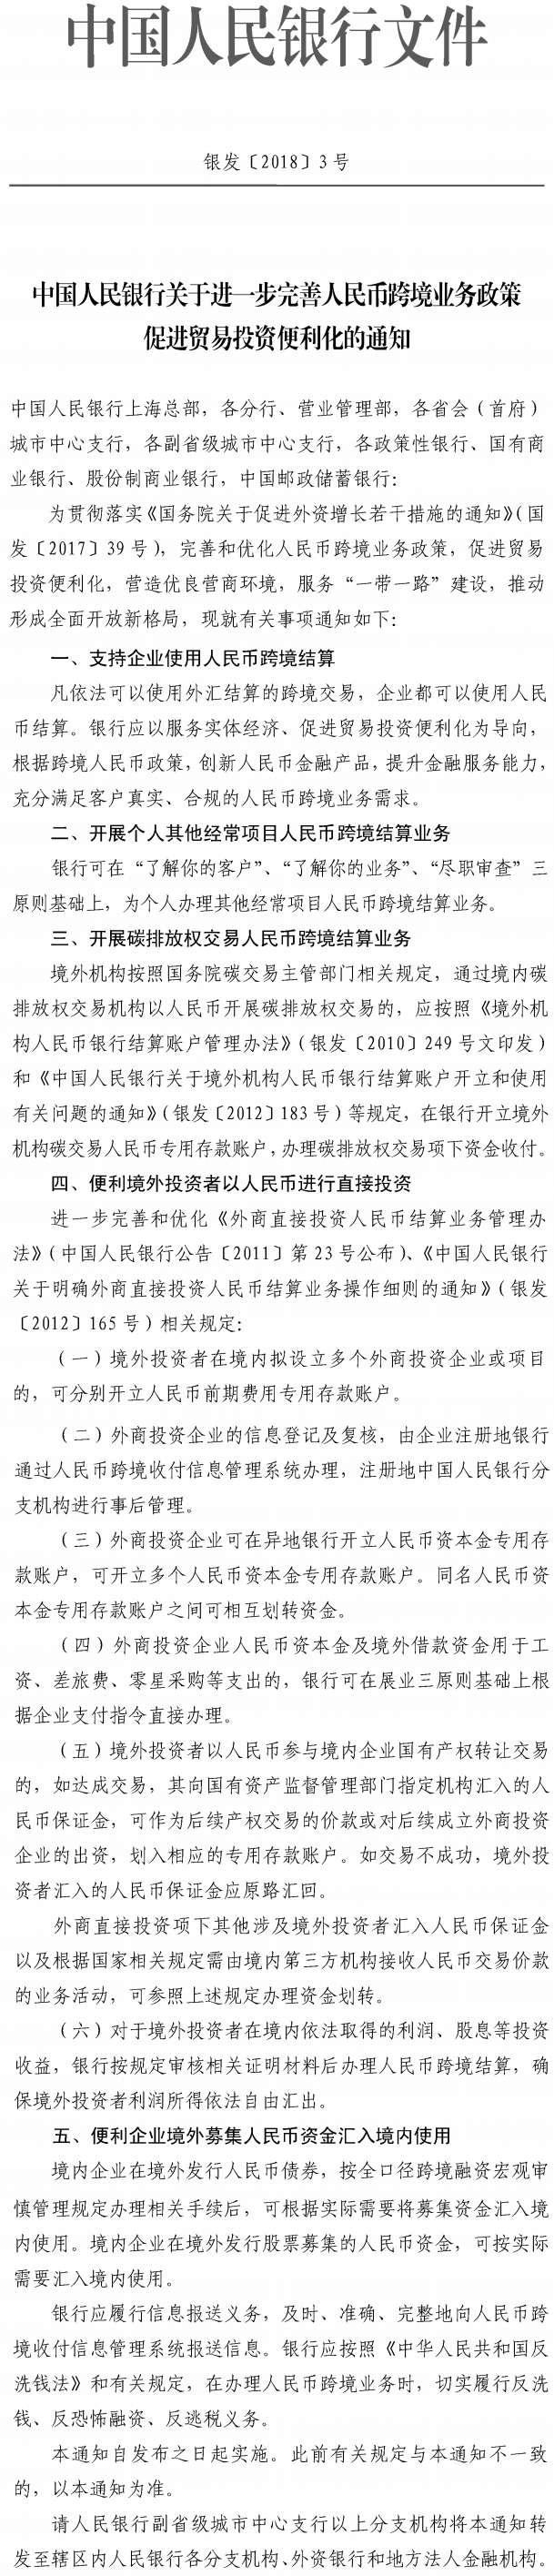 银发〔2018〕3号《中国人民银行关于进一步完善人民币跨境业务政策促进贸易投资便利化的通知》